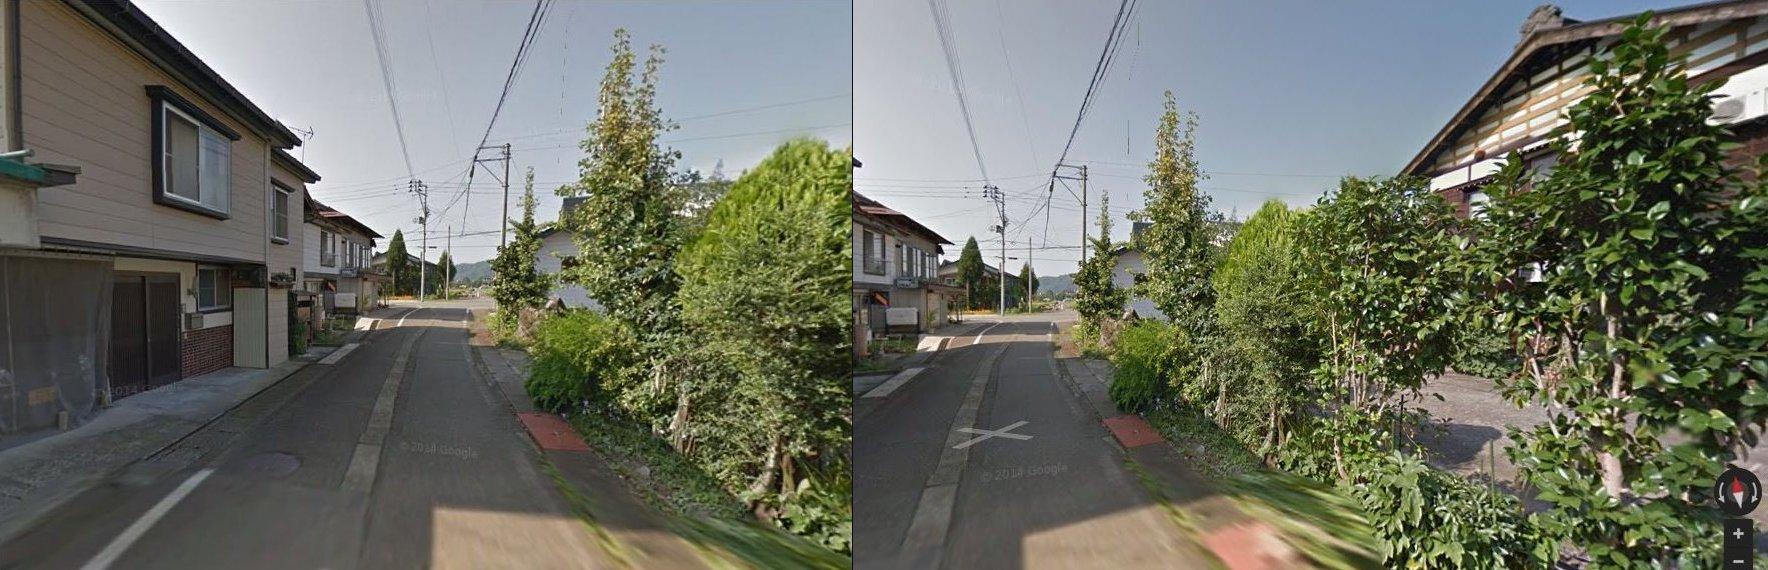 http://hakkaisan-photo.com/q/Part-2/sv%20%E6%96%B0%E7%94%B0%E5%A0%80%E4%B8%8B%E6%B5%81%E6%96%B9%E5%90%91.jpg